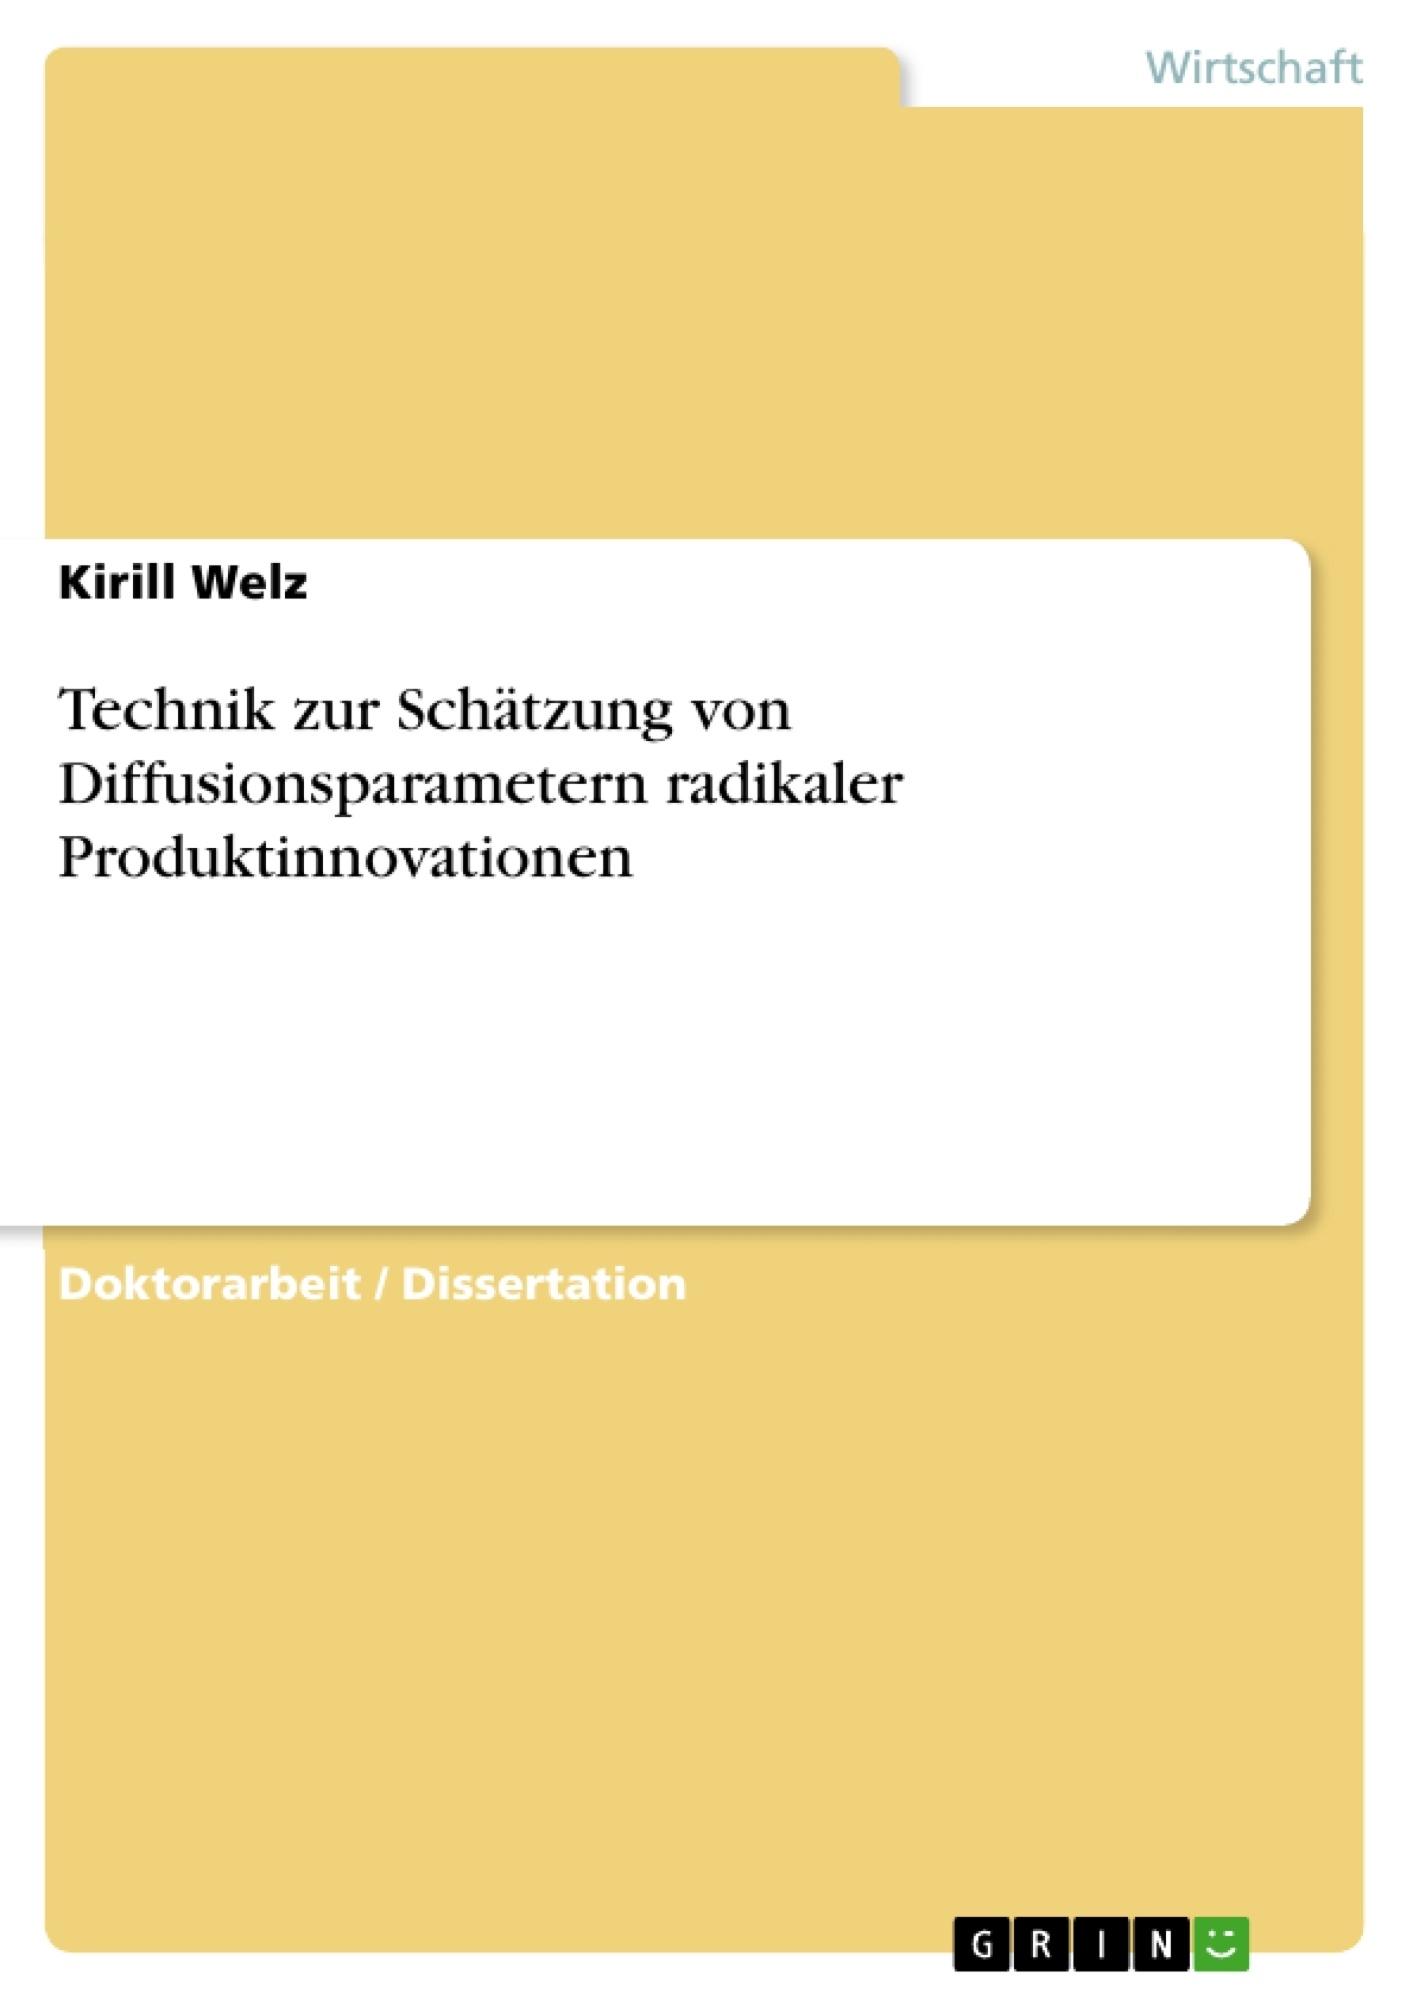 Titel: Technik zur Schätzung von Diffusionsparametern radikaler Produktinnovationen